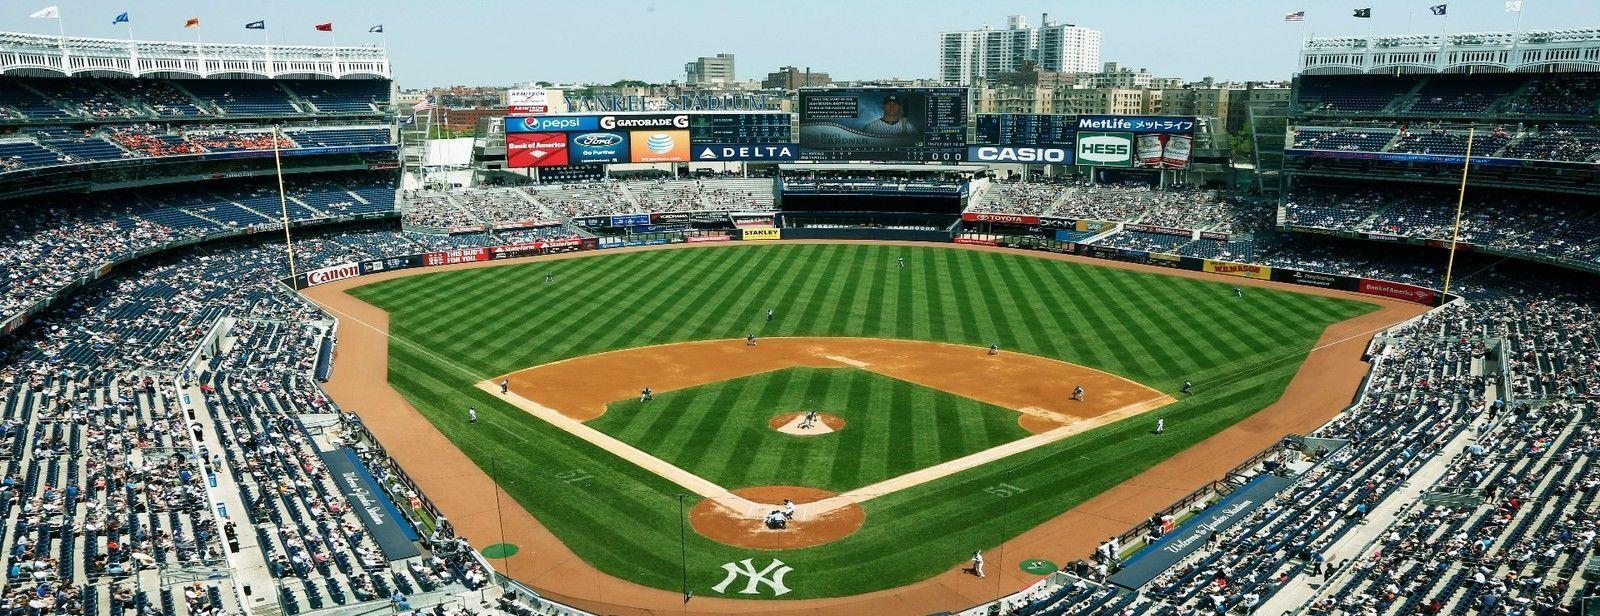 New York Yankees Entrenamientos de primavera - Pases de Parking